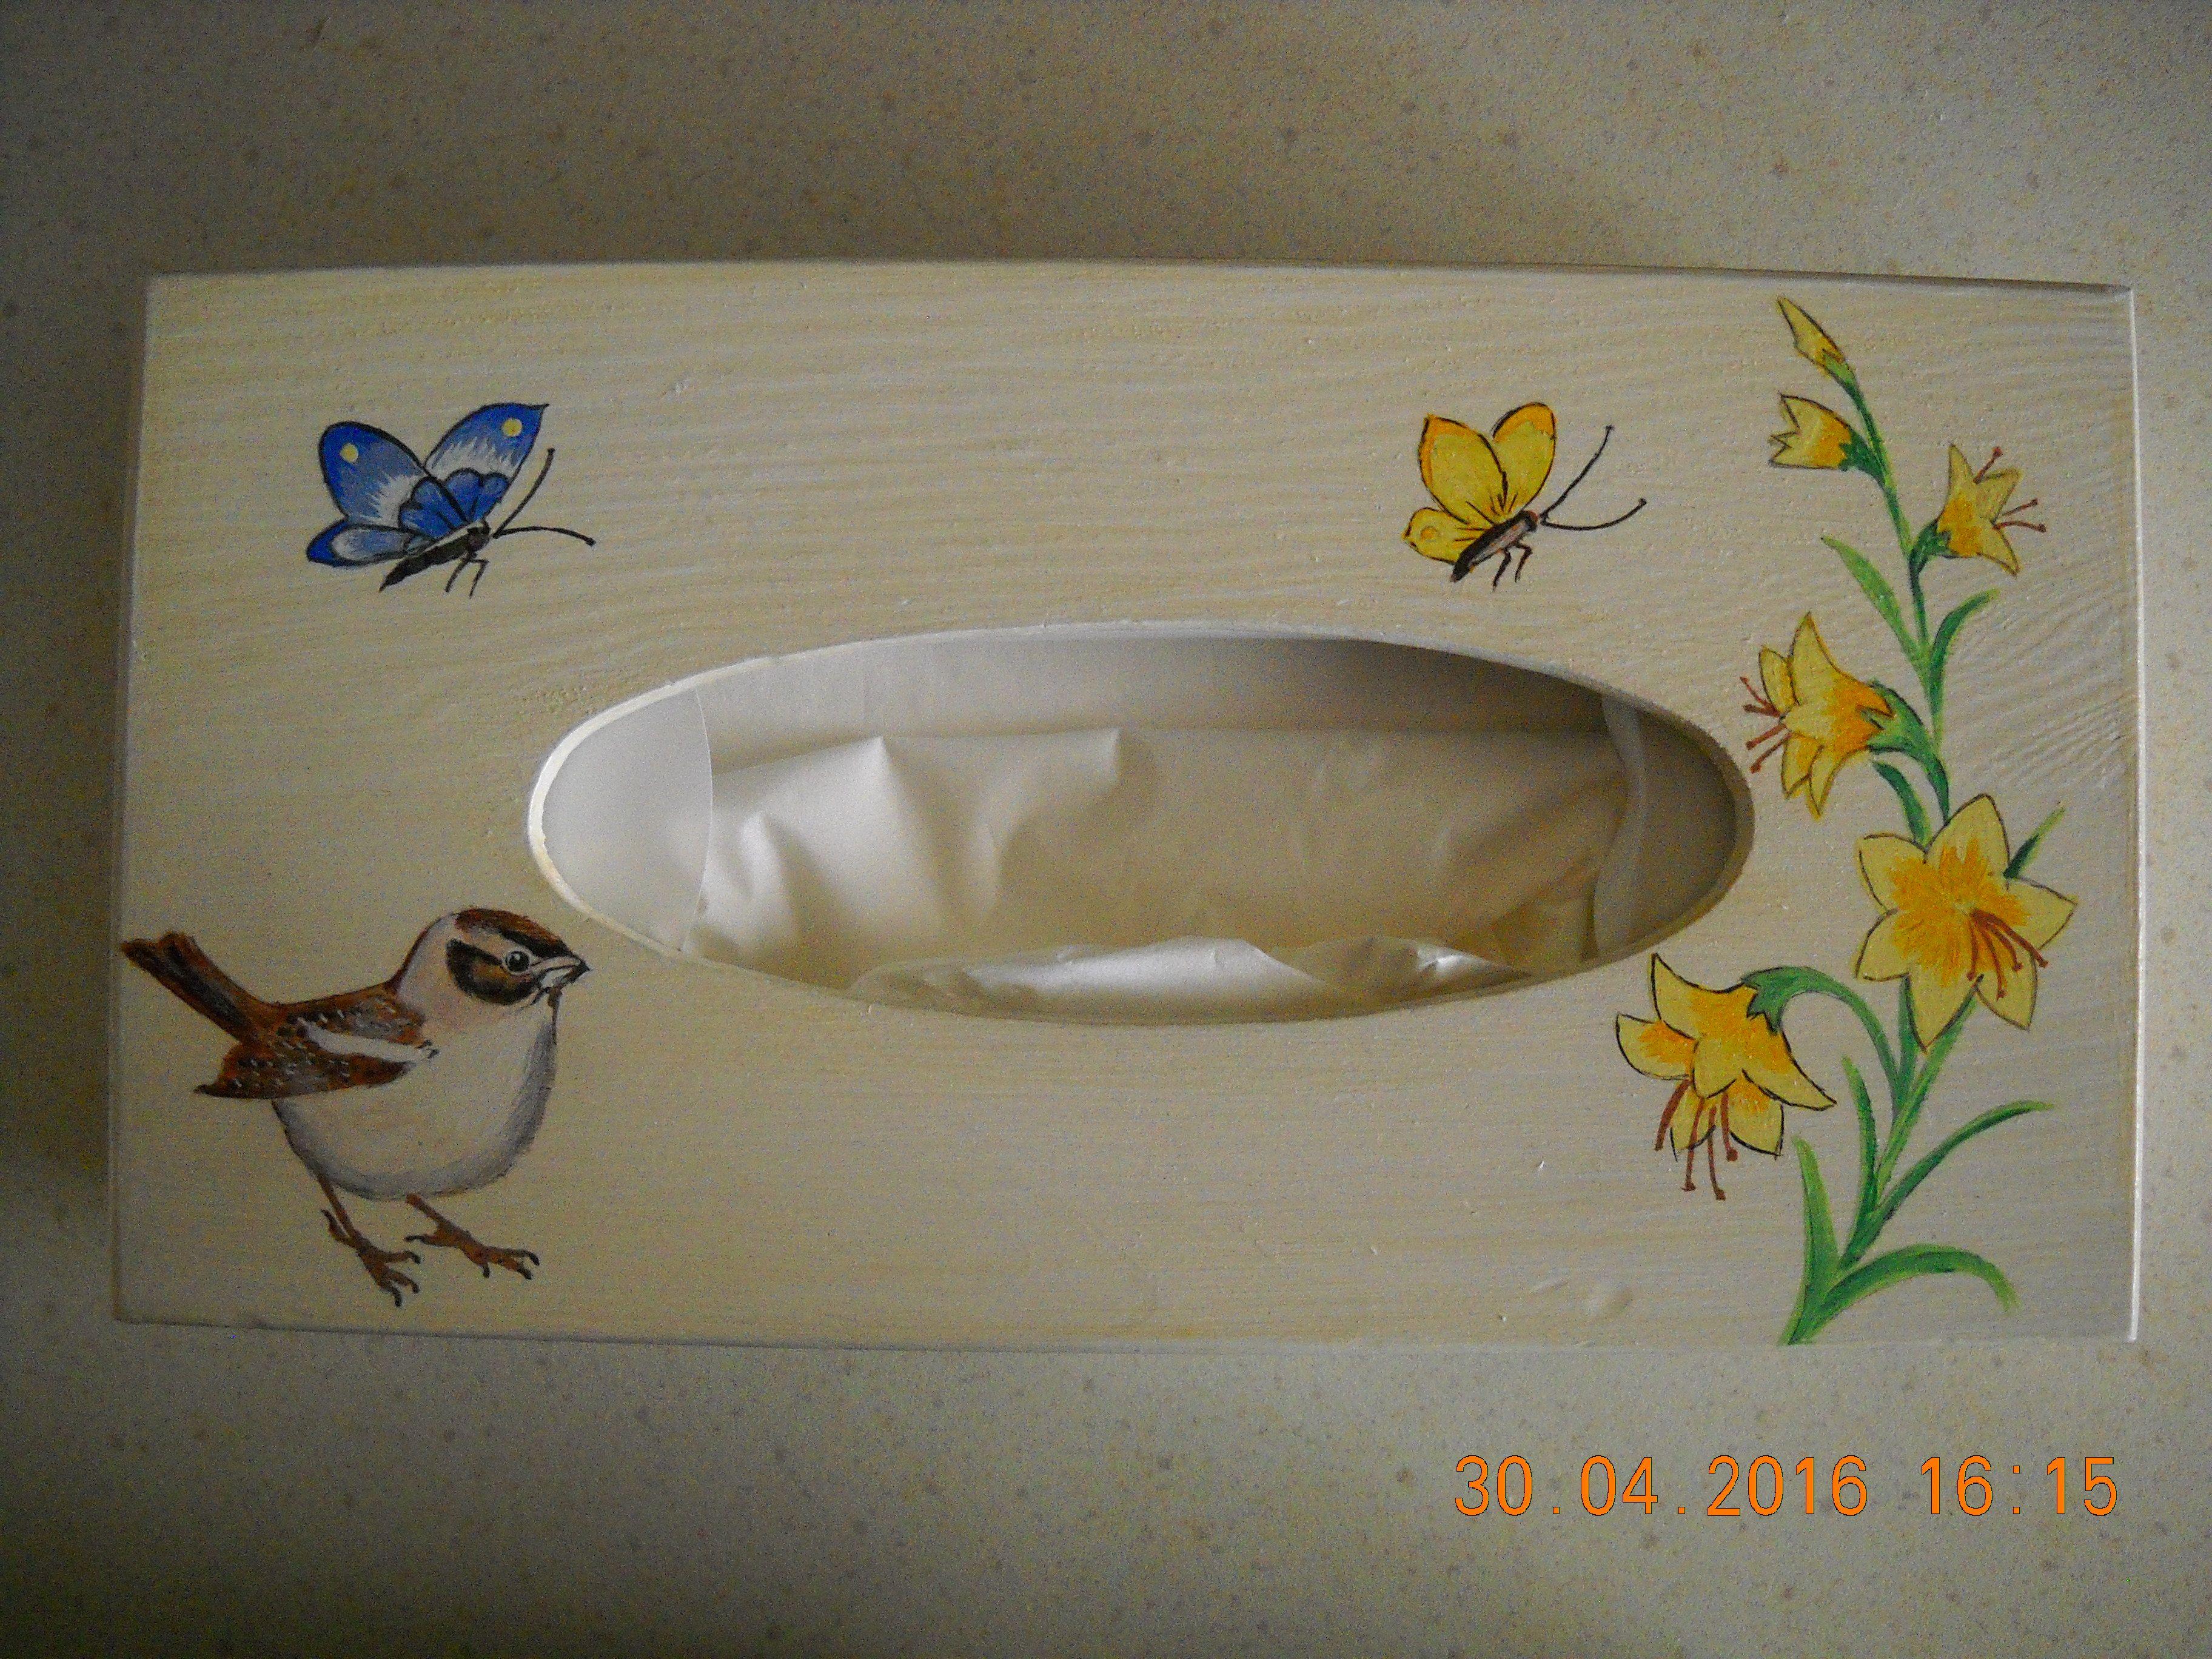 Peinture acrylique sur bois r alisation eliane eliane for Peinture acrylique sur bois brut